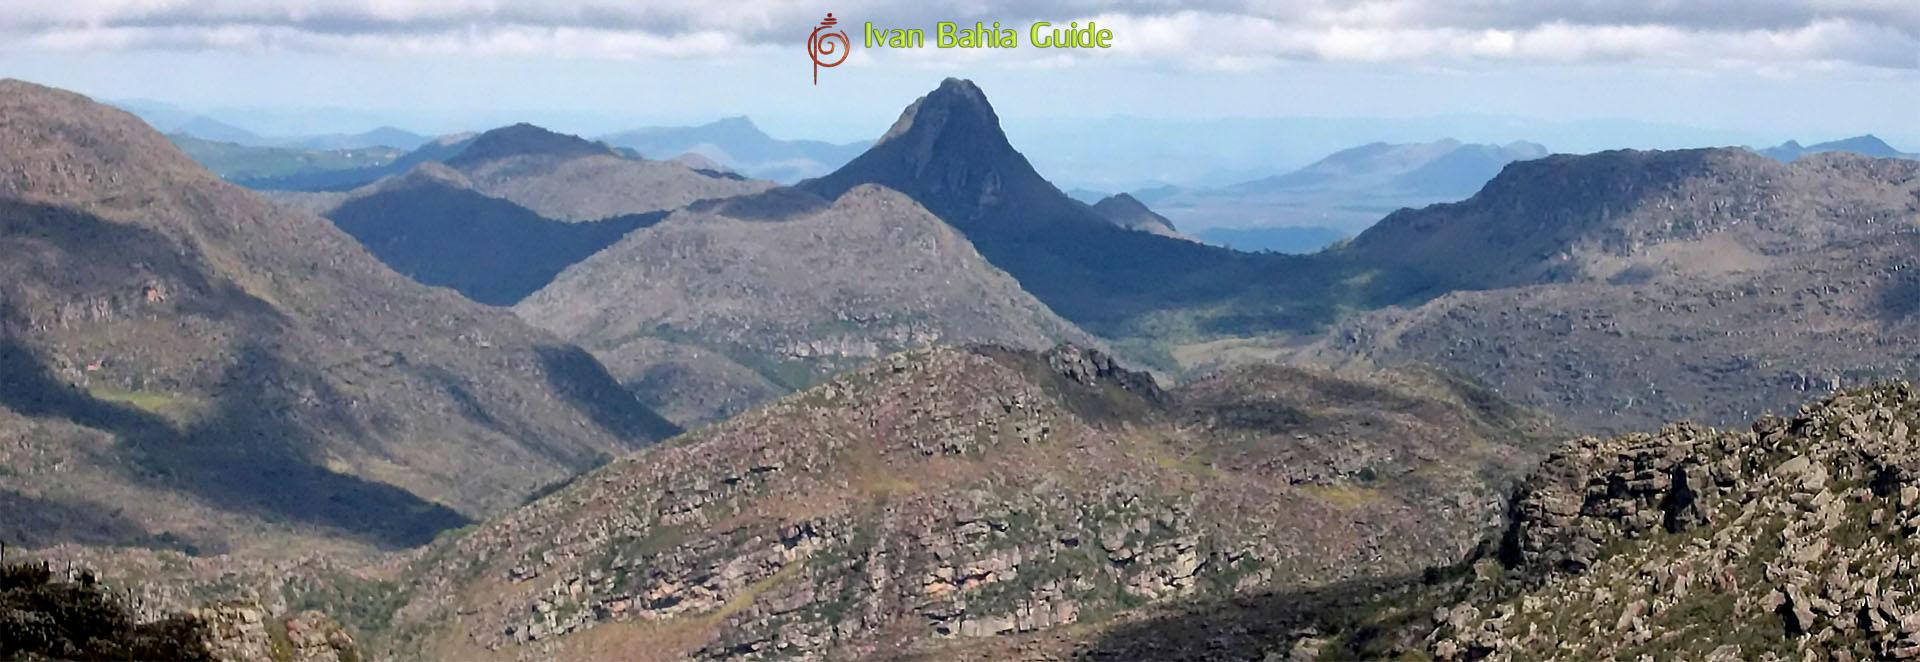 Ivan Bahia & Chapada Diamantina guide / on vous emmène au toit de Bahia à Chapada Diamantina Park national pour un trekking dos 3 picos, aux points les plus hauts du Nord-est/ Bahia (+2000m) avec les pics Barbado, Almas et Itobira